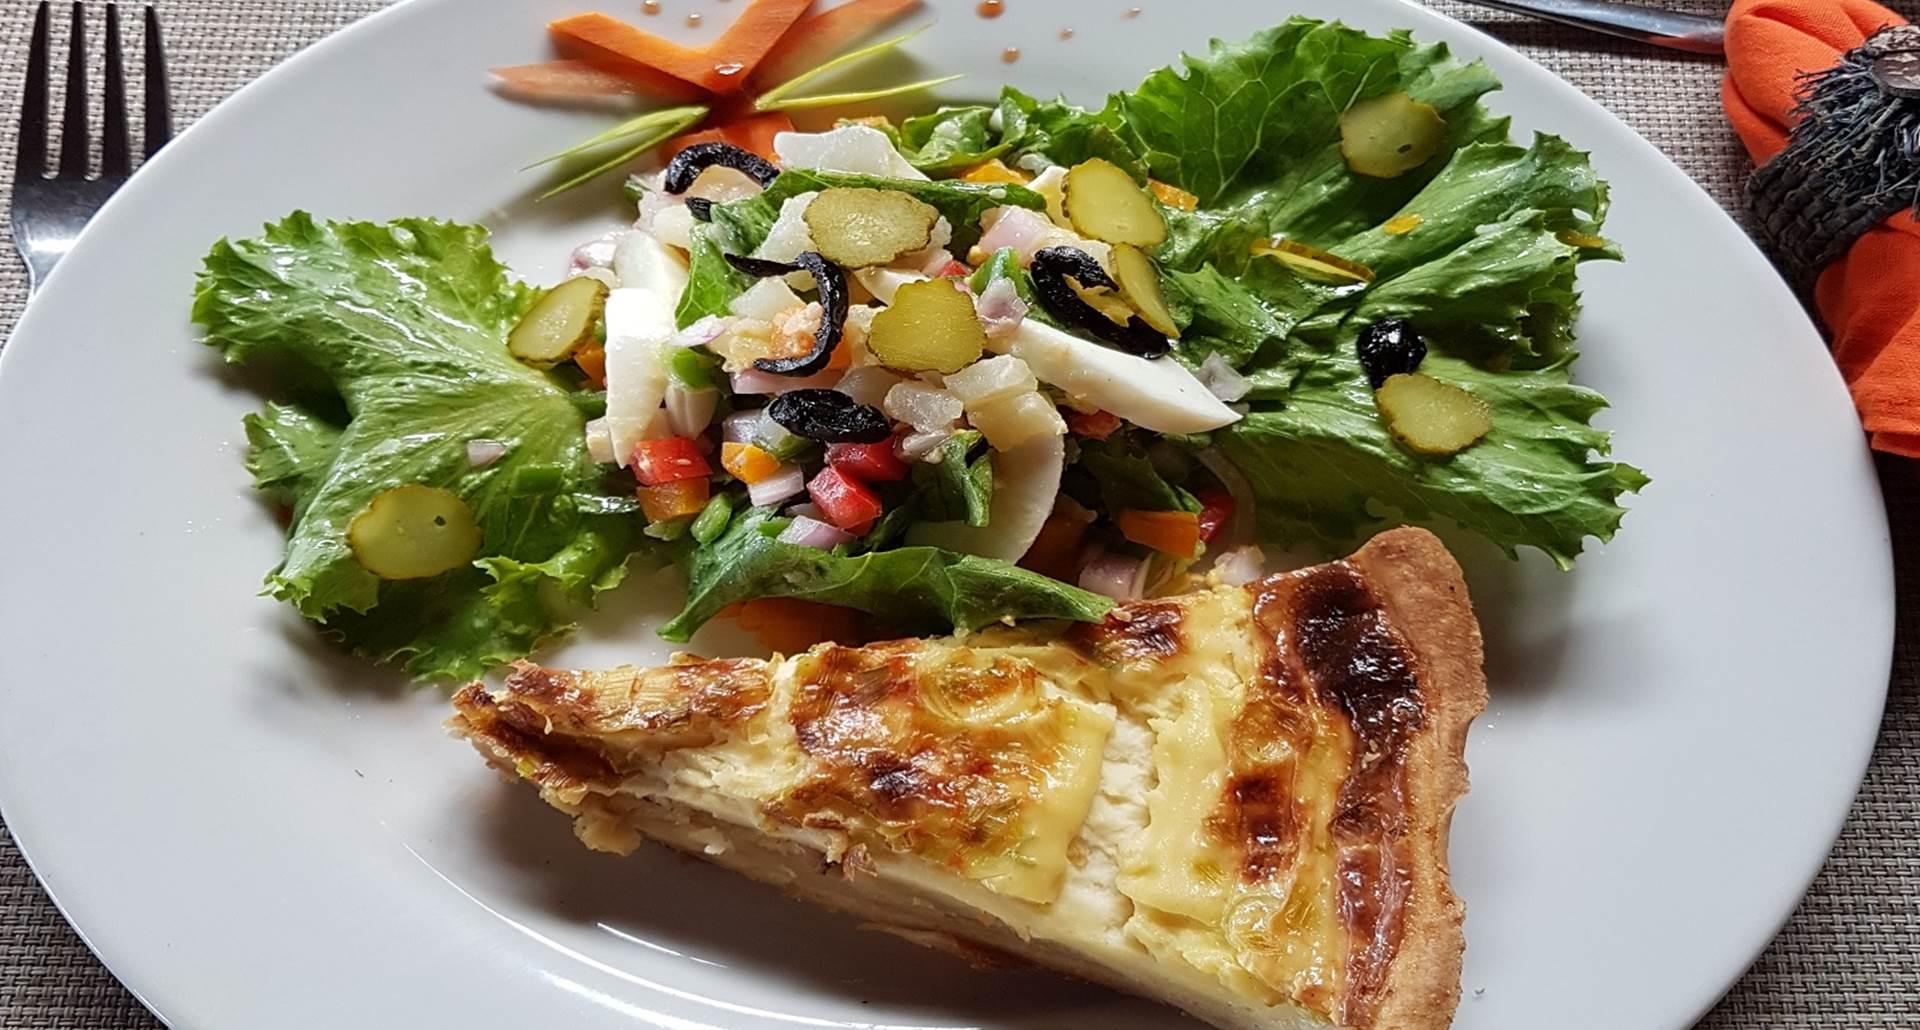 Salade composée et quiche au poireau